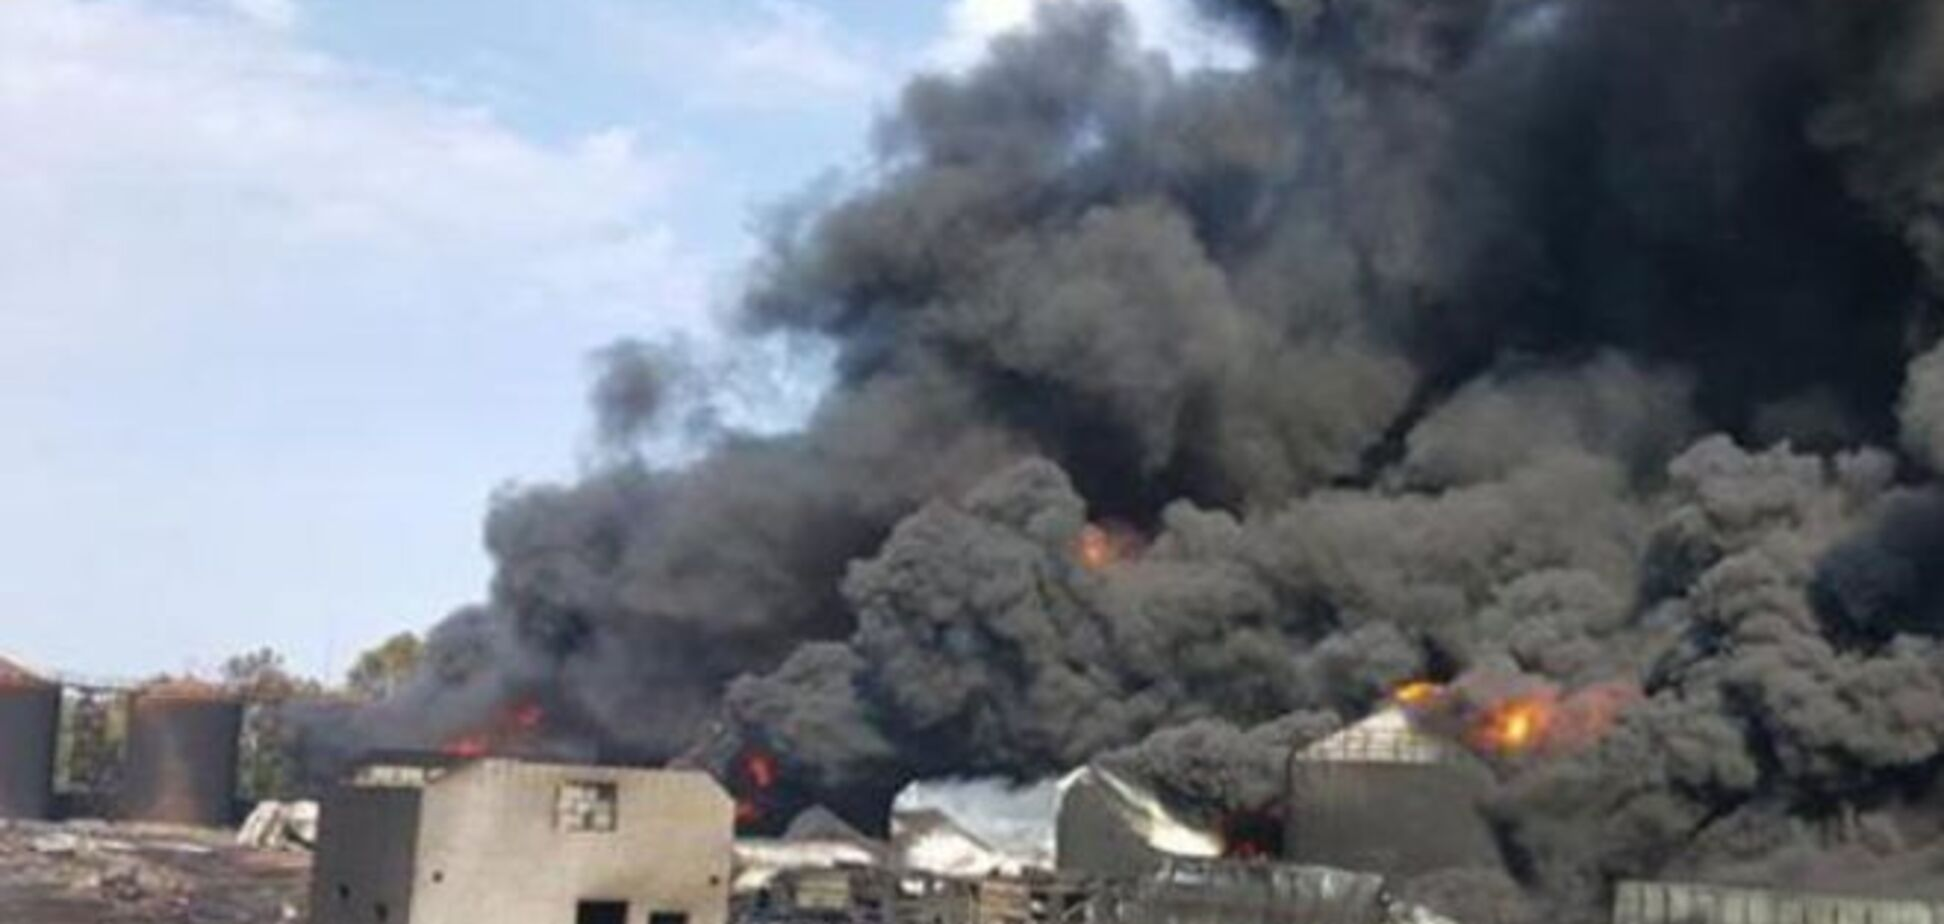 Пожар в Василькове: осталось потушить одну емкость с горючим